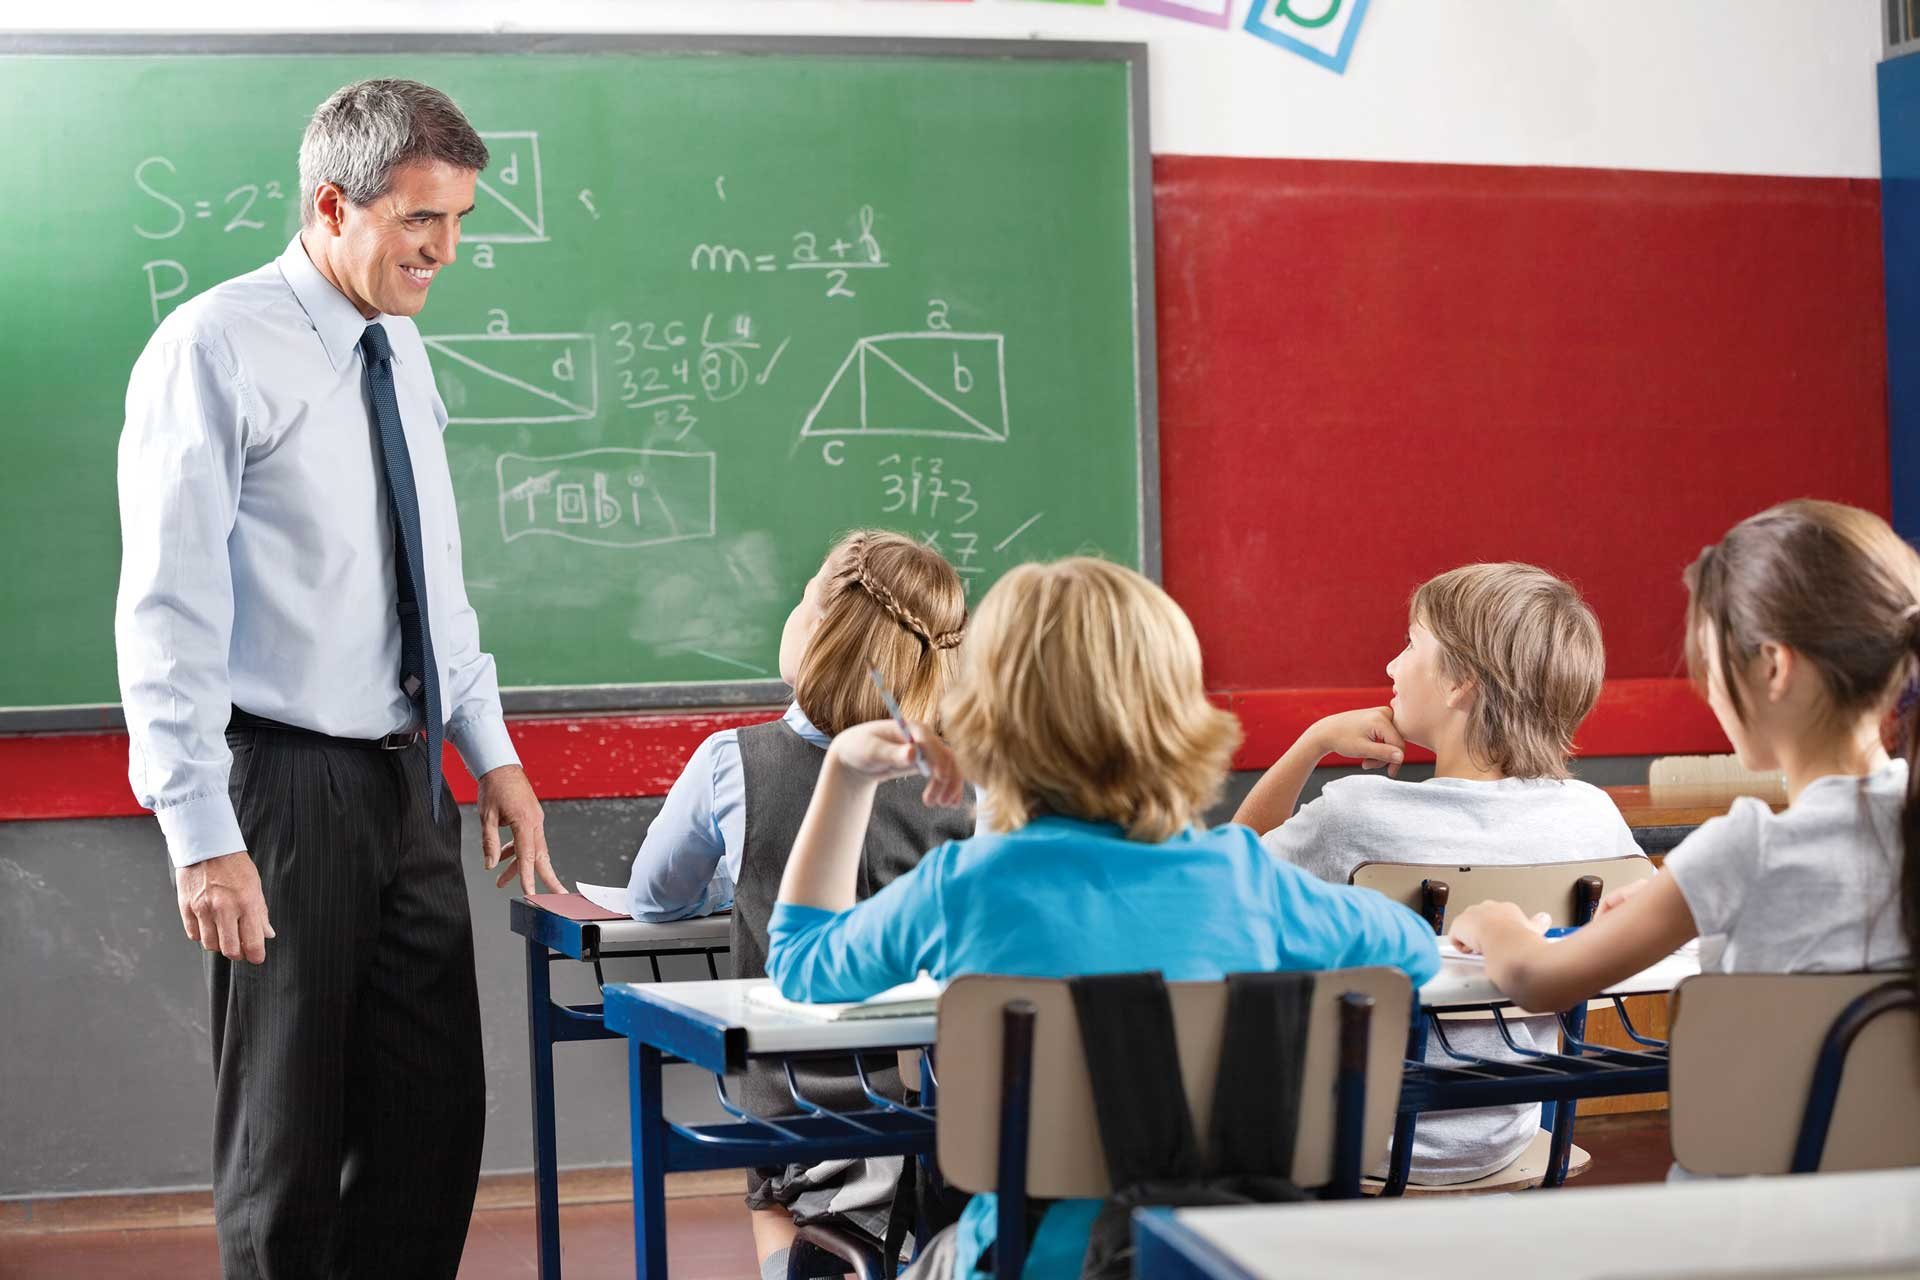 Reforma învățământului, abordată la nivel de concept fundamental, definește un tip de schimbare pedagogică superioară